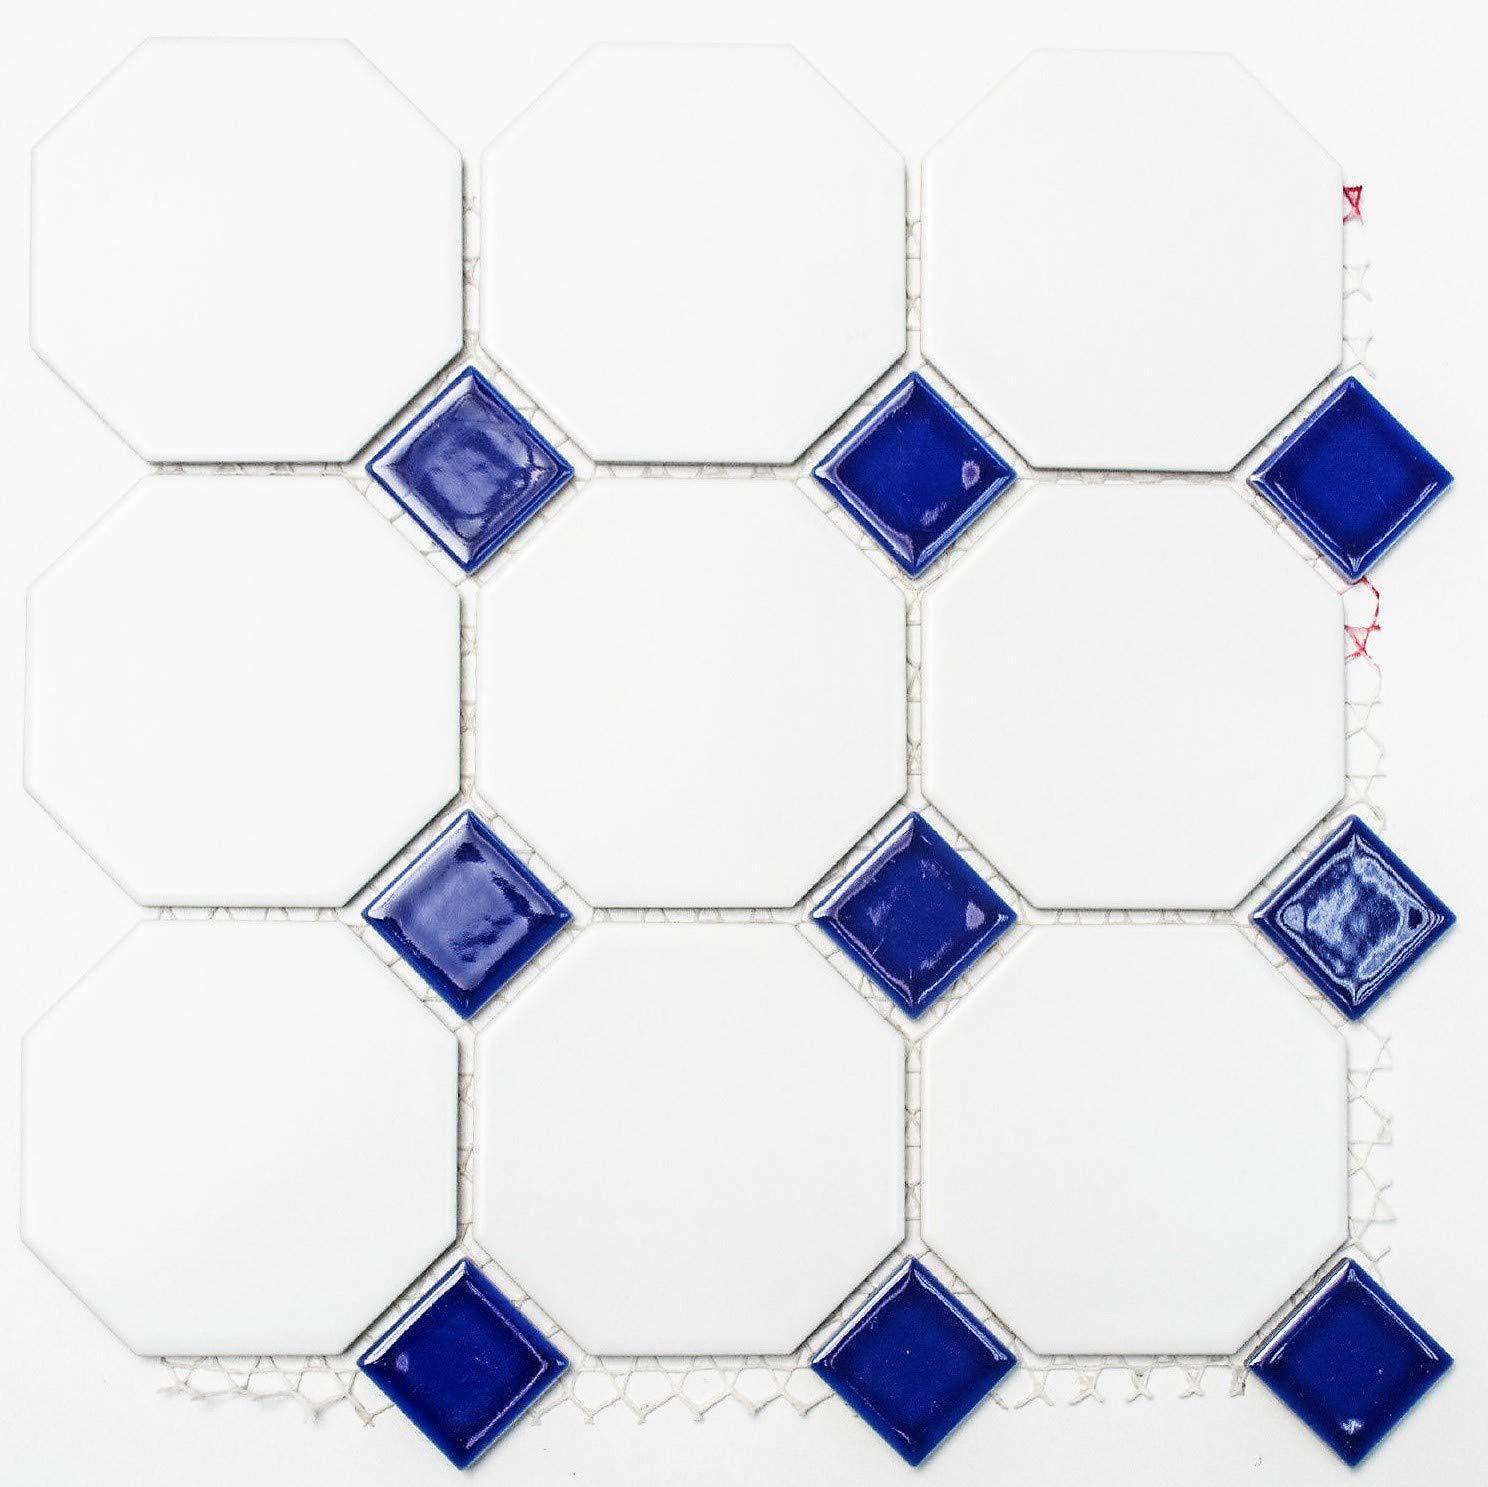 Fliesen Mosaik Mosaikfliese Keramik Schachbrett schwarz wei/ß matt 5mm NEU #255